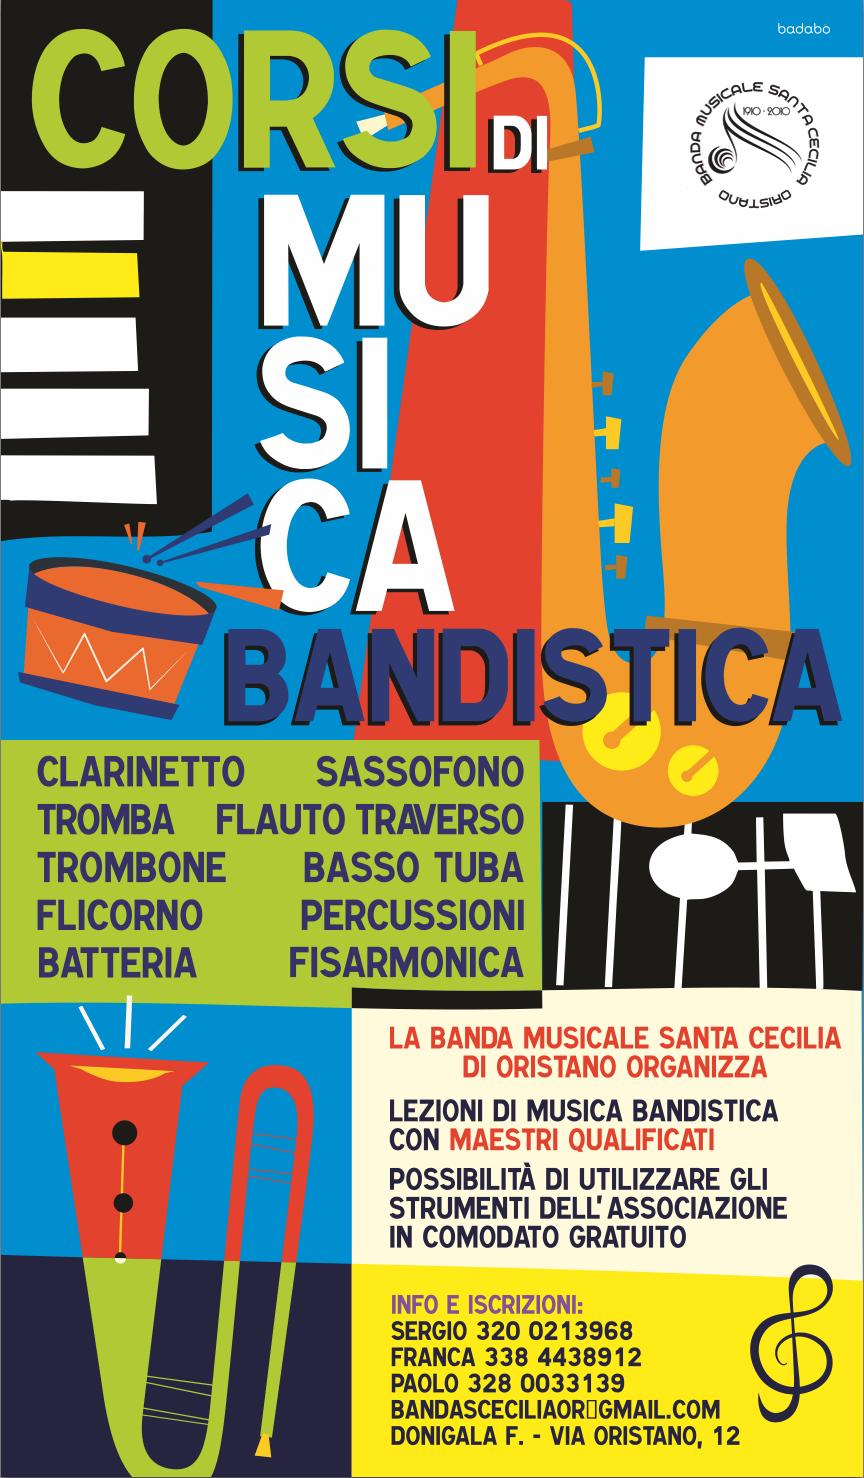 Campagna promozionale corsi di musica per la Banda Santa Cecilia